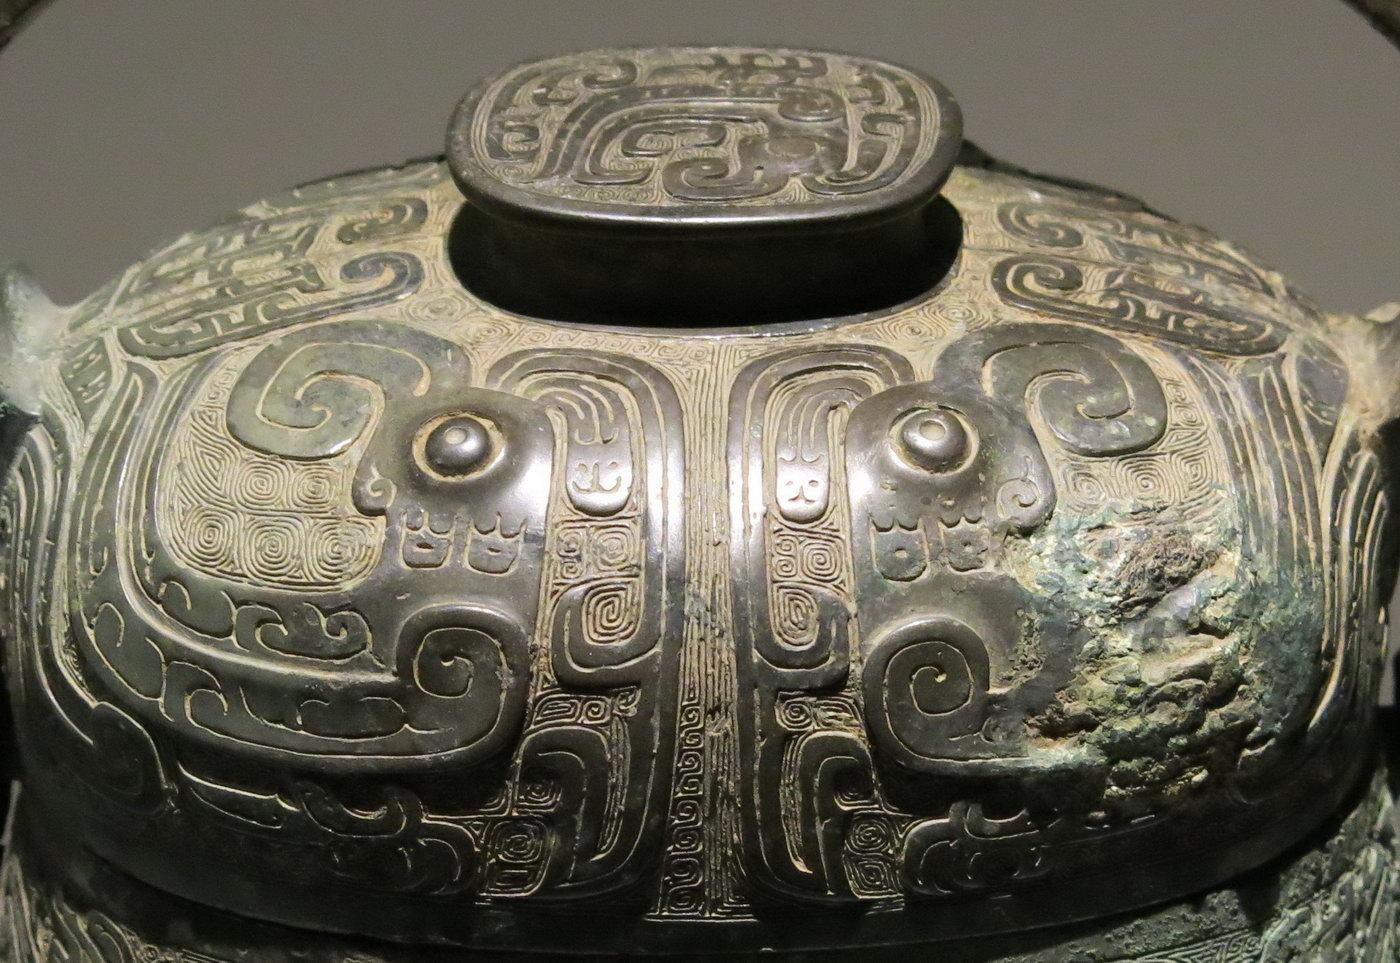 3cm 这件龙耳人足方盒,与在甘肃礼县圆顶山春秋秦墓中出土的青铜方盒